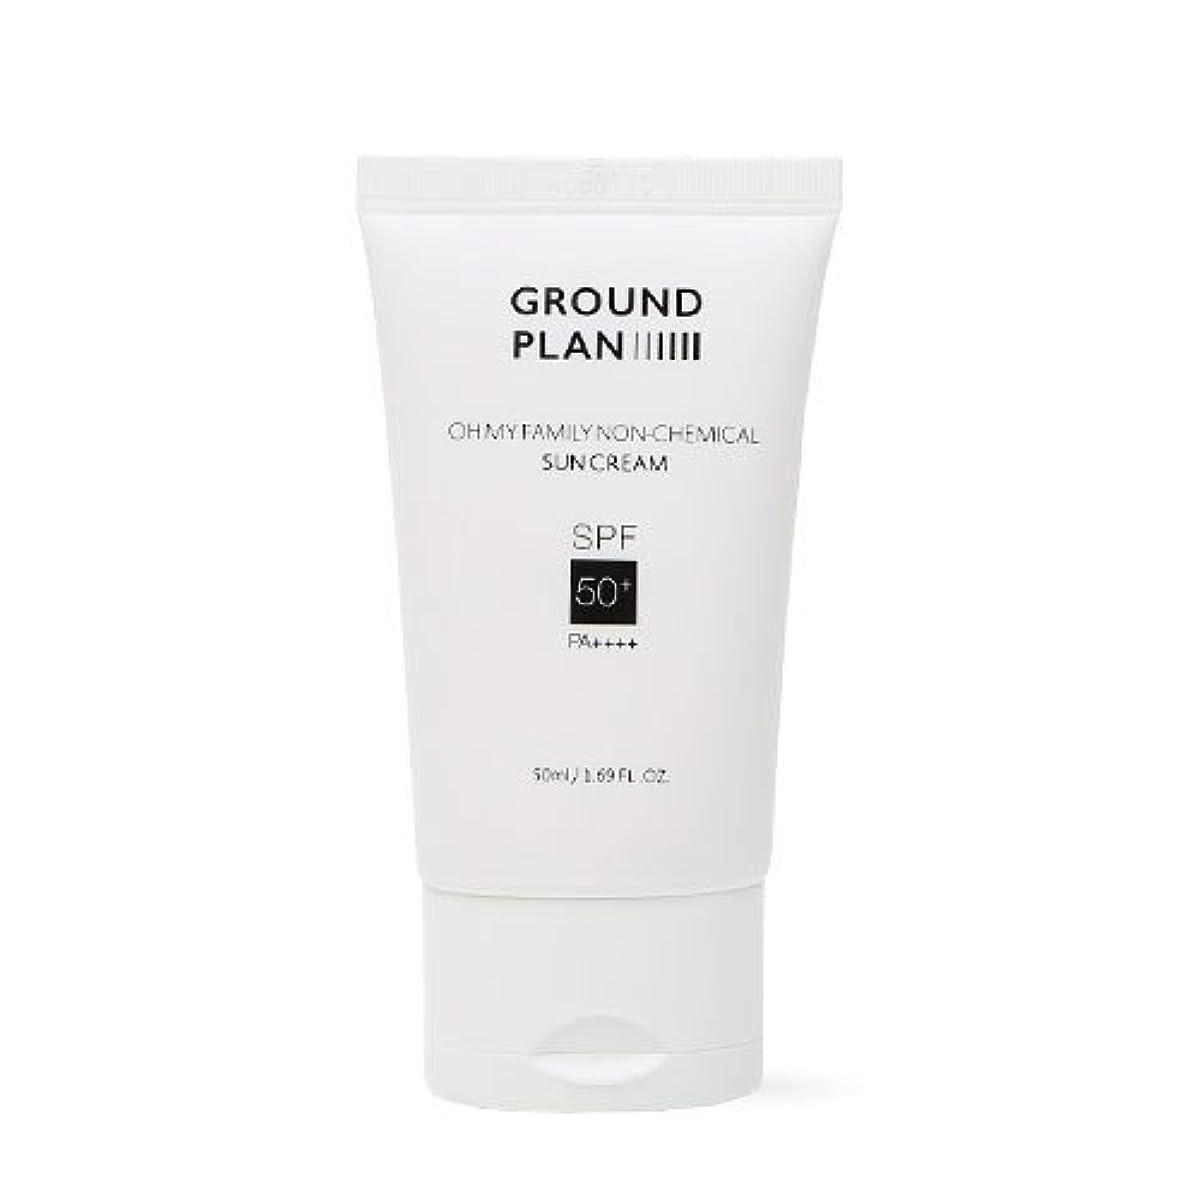 居間パラシュート損失[GROUND PLAN] Oh My Family Non-Chemical Sun Cream 50ml グラウンドプランファミリーノンケミカルサンクリーム [並行輸入品]